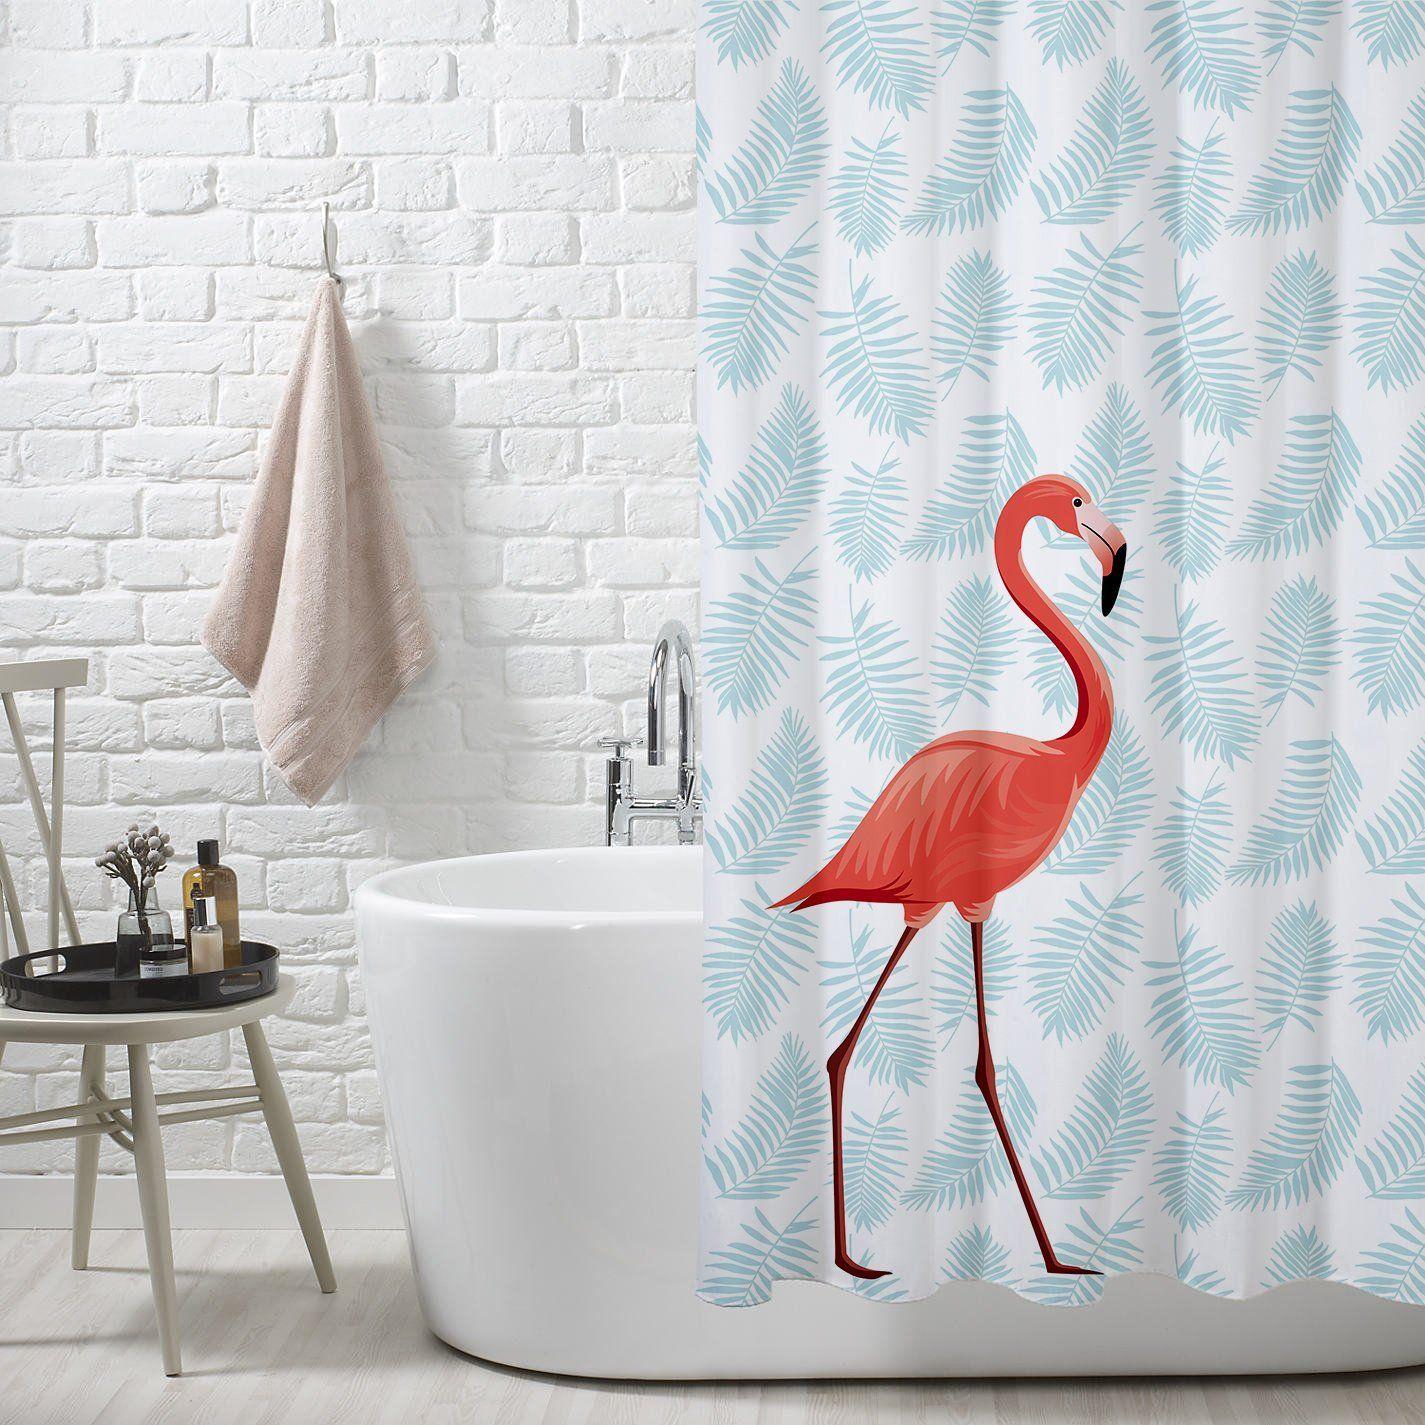 Diy Deko Flamingo Duschvorhang Oder Als Vorhang Fur Den Flur Oder